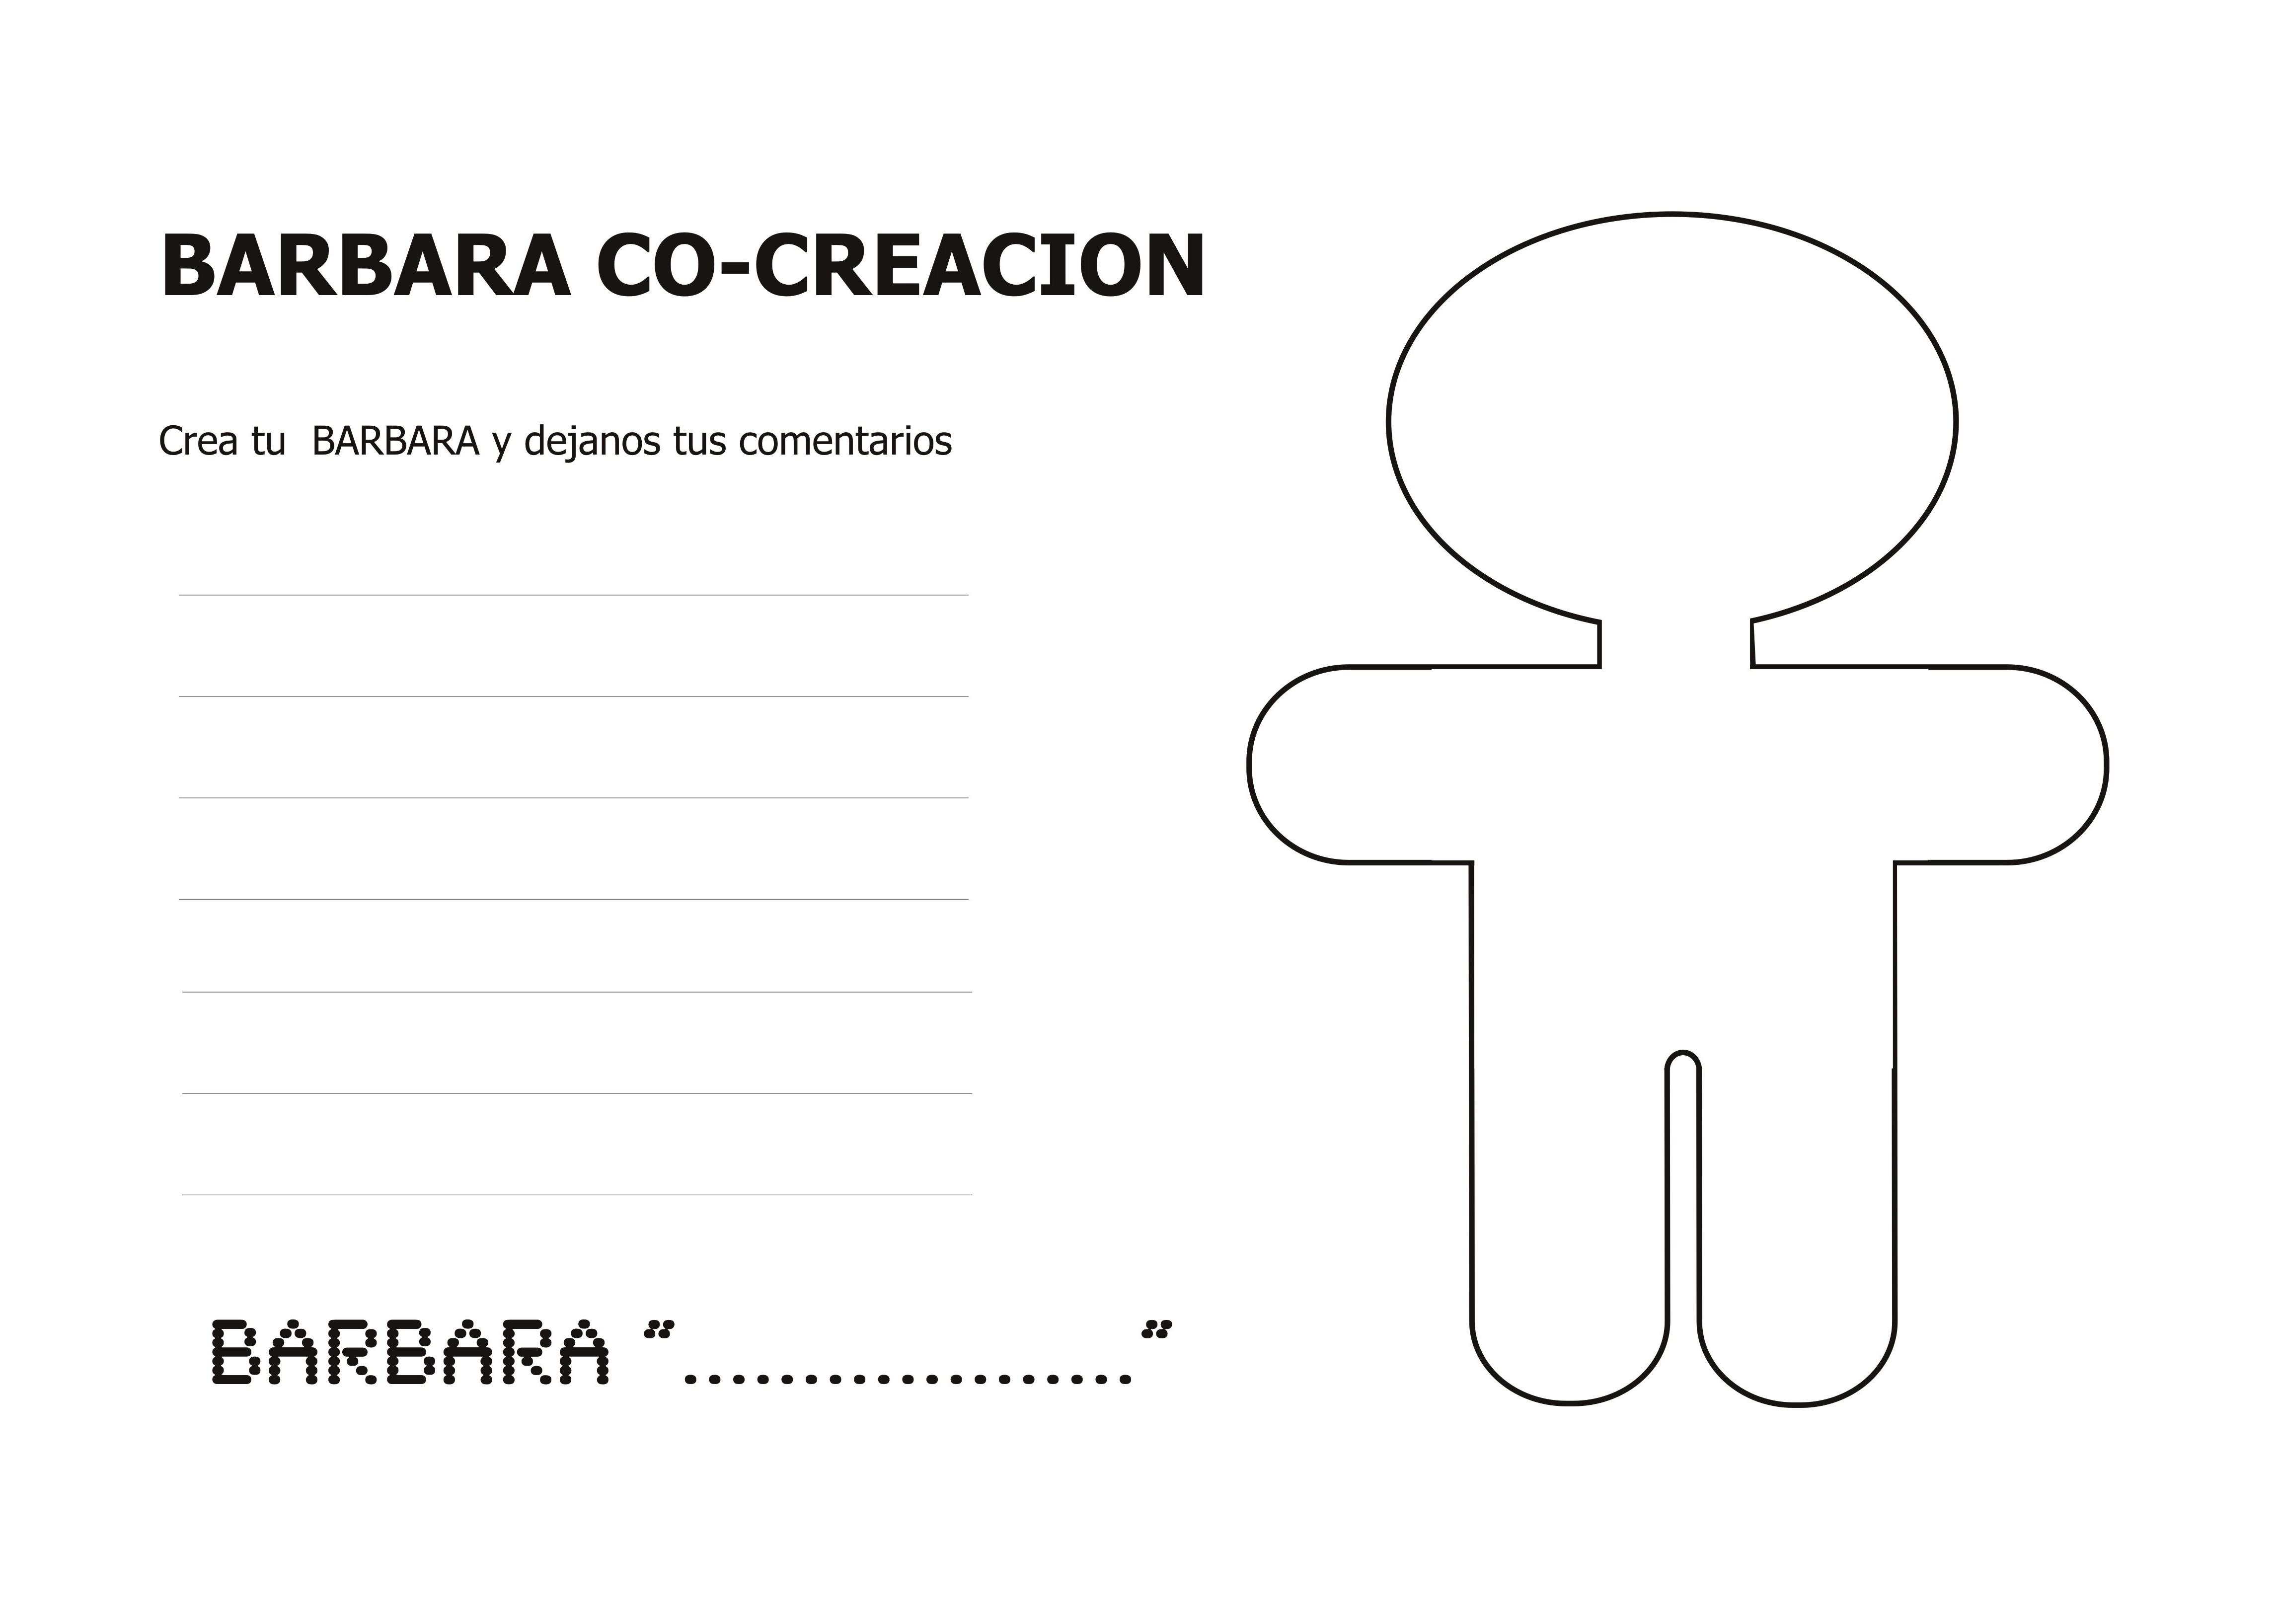 BARBARA CO CREACION